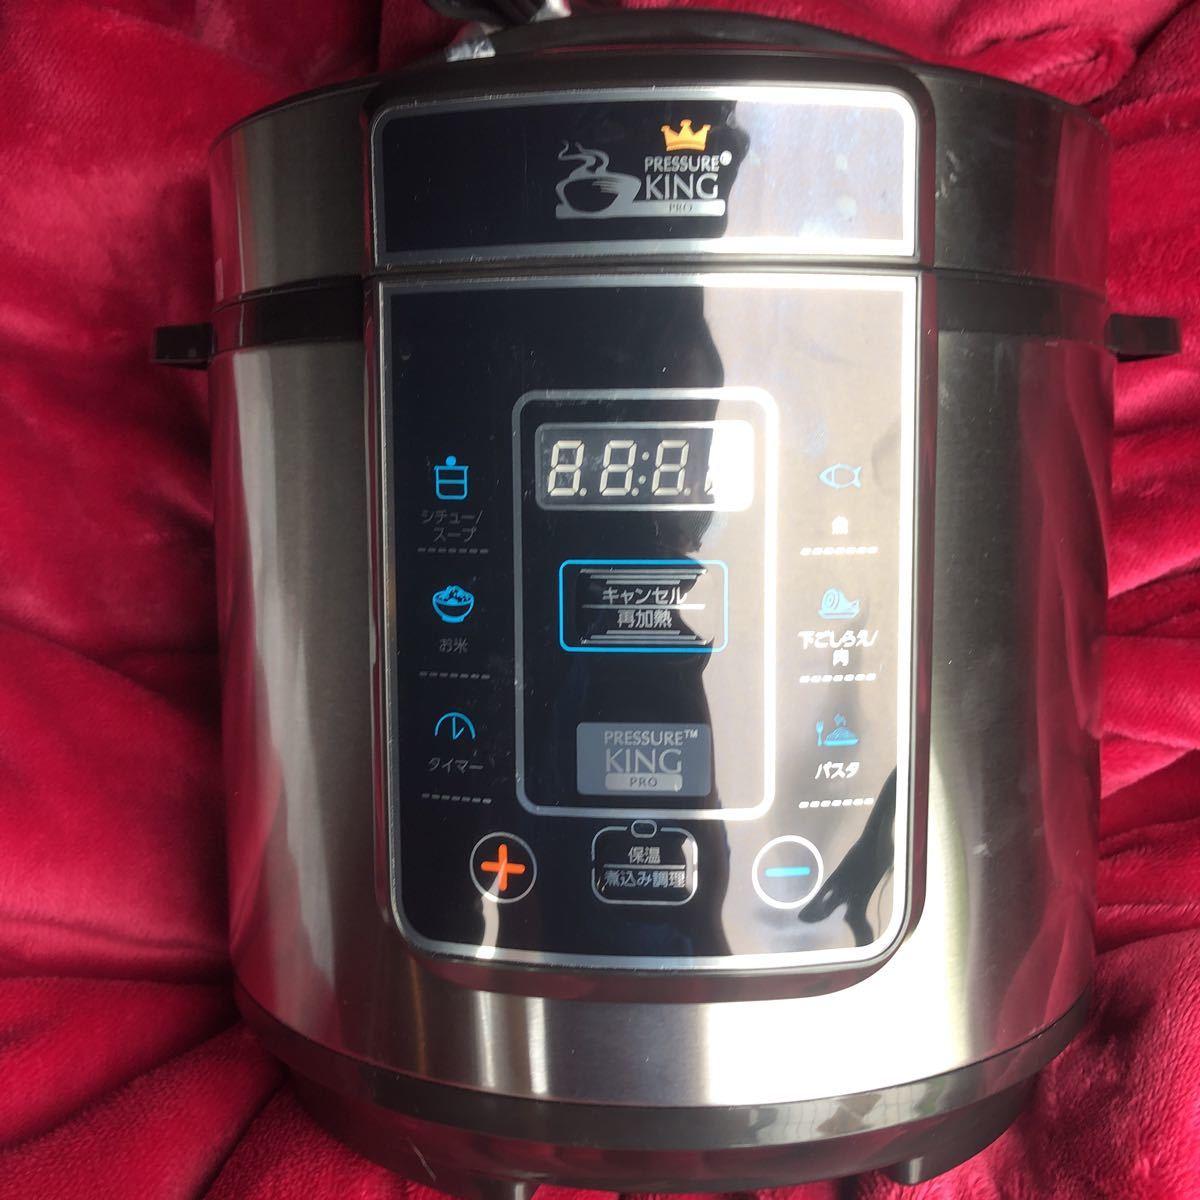 送料込み!ショップジャパンの電気圧力鍋 プレッシャーキングプロ_画像1